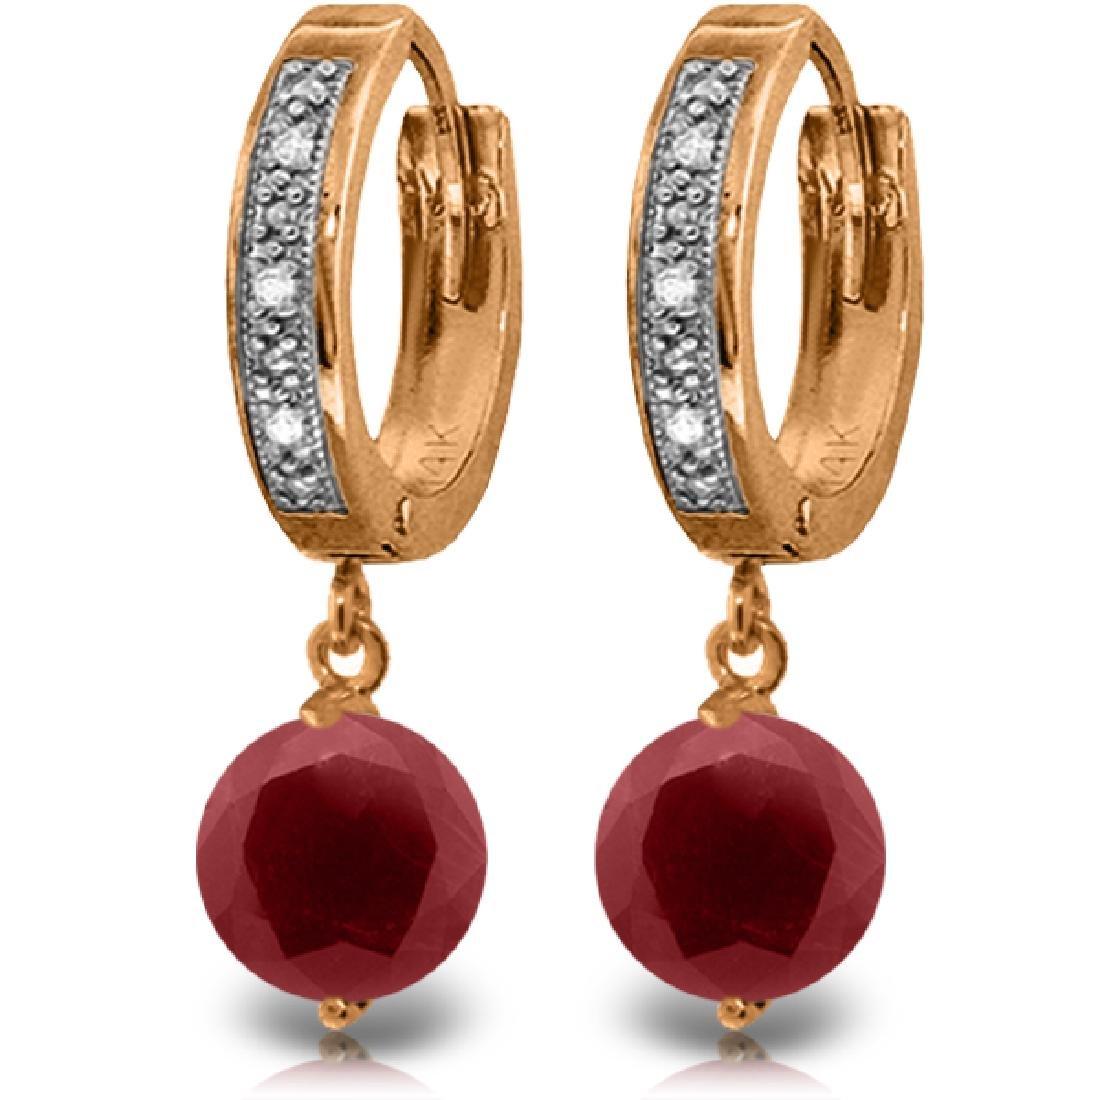 Genuine 4.03 ctw Ruby & Diamond Earrings Jewelry 14KT